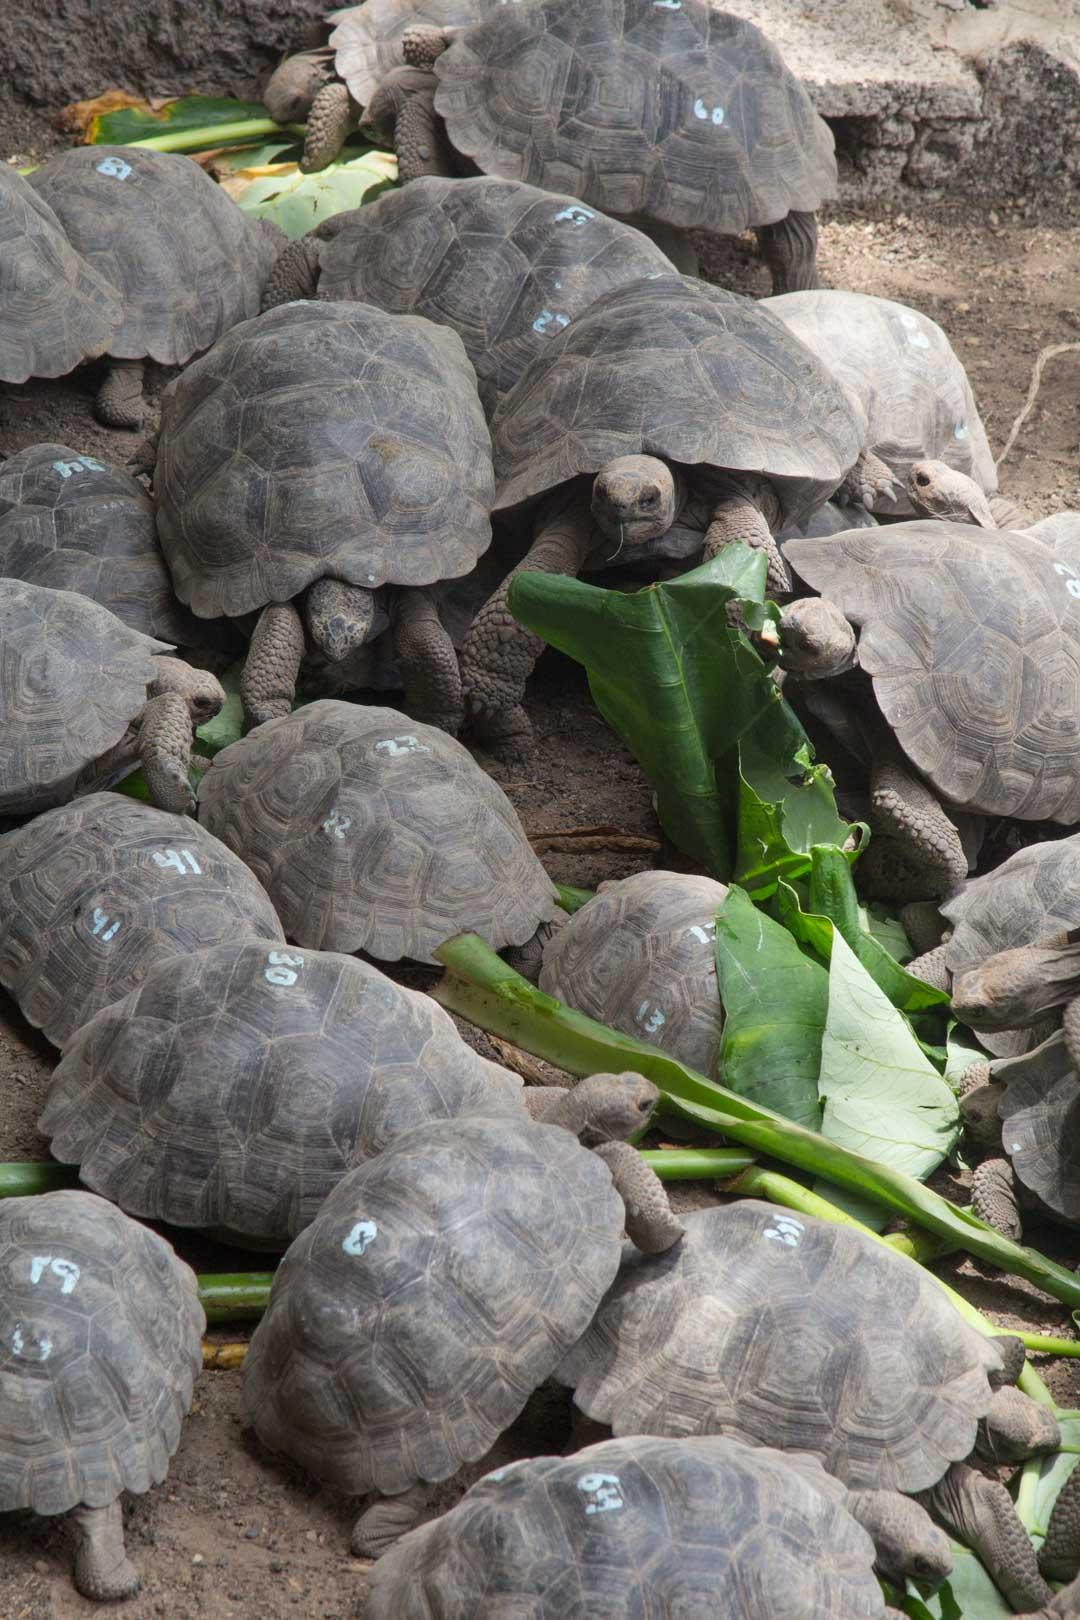 jättiläiskilpikonnien kasvatuslaitoksella Isabela-saarella Galapagossaarilla